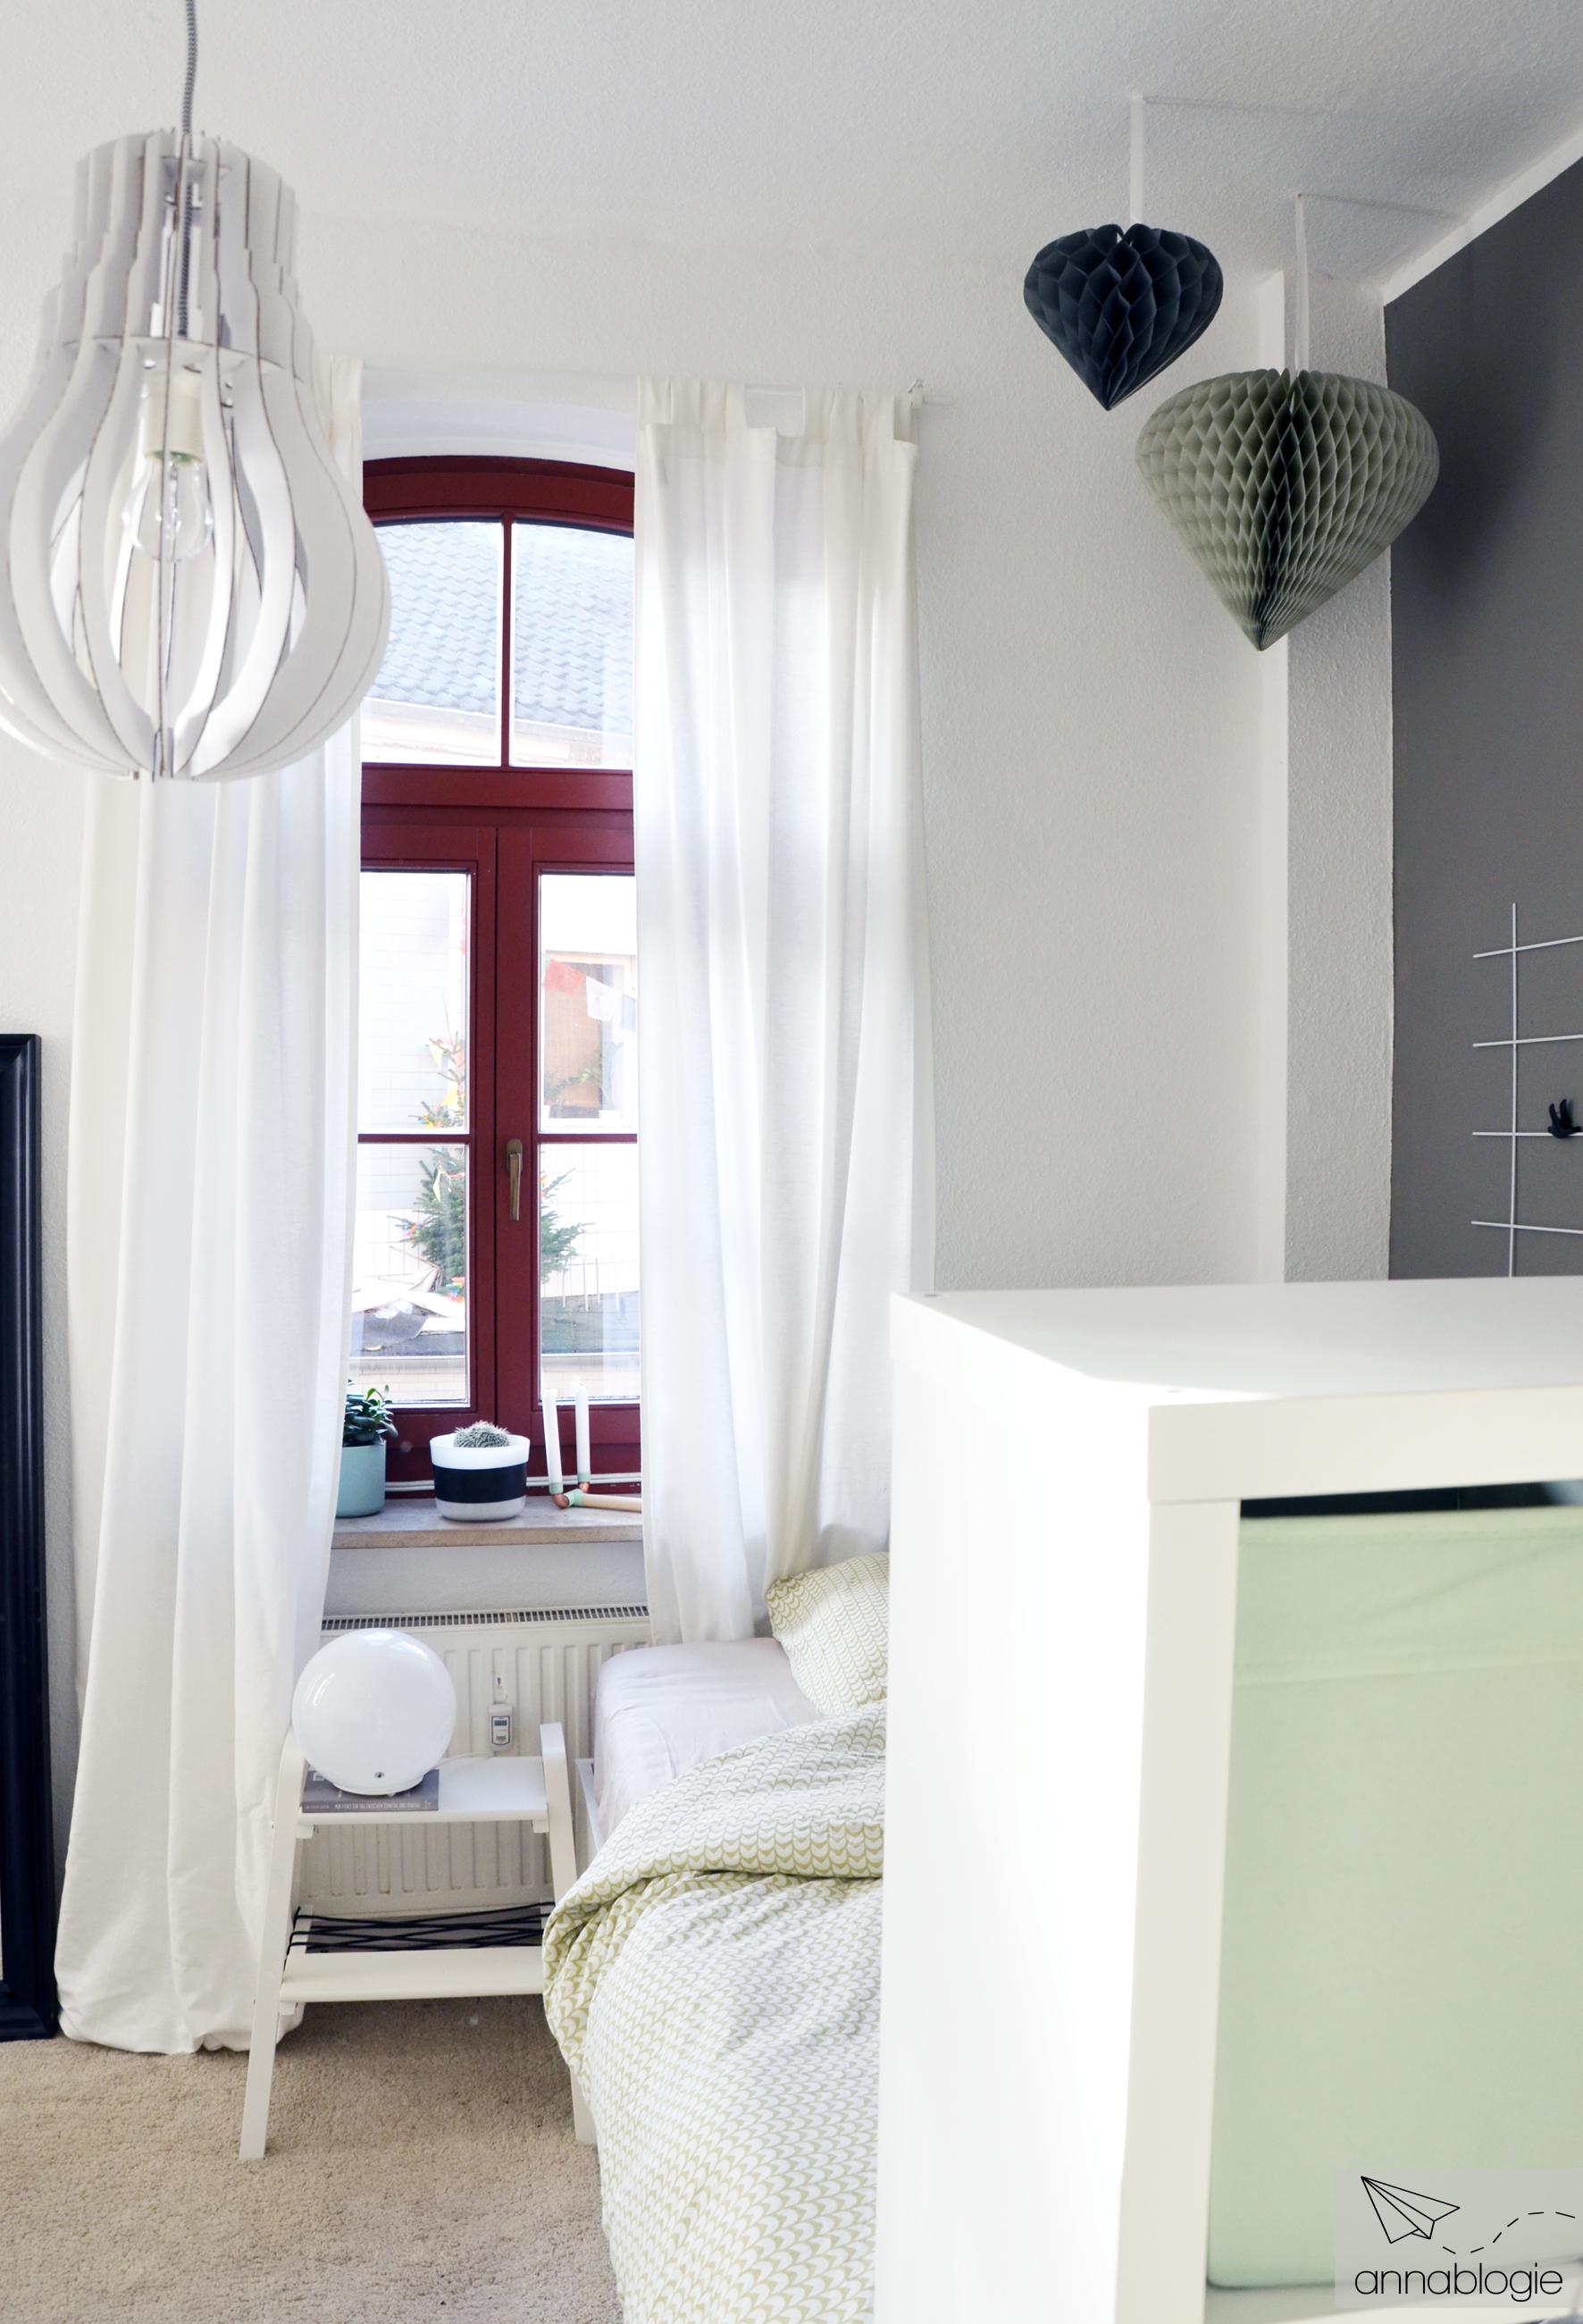 Türkis Farbene Wände